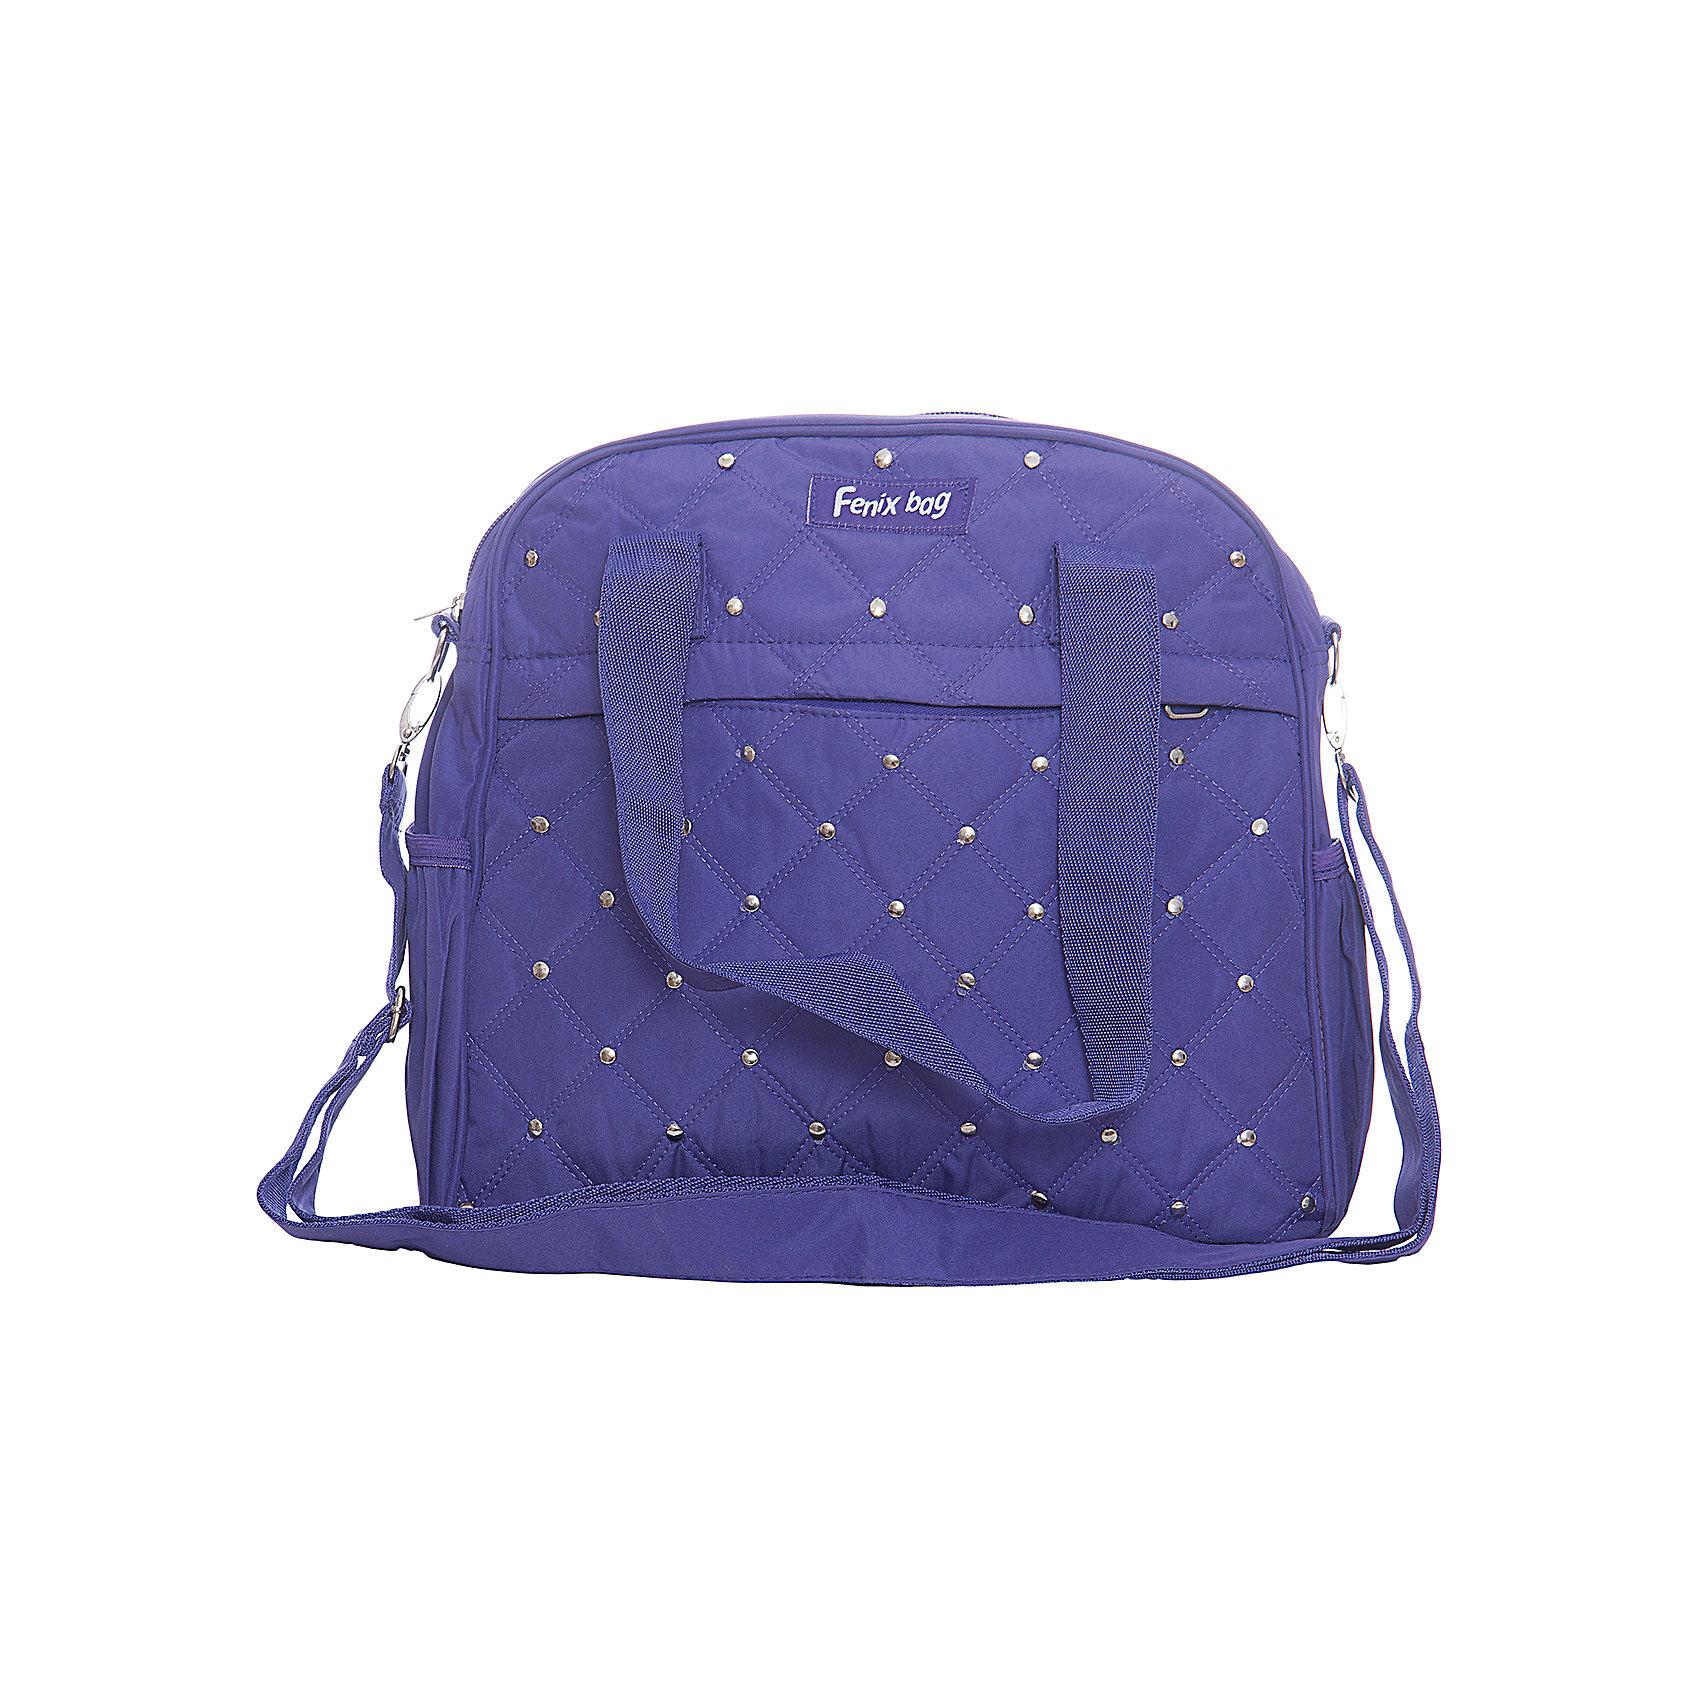 Сумка для девочек с клепками, фиолетоваяДетские сумки<br>Девочки обожают аксессуары, эта стильная фиолетовая сумочка приведет в восторг всех юных модниц! Плечевой ремень модели регулируется по длине, стеганая поверхность декорирована металлическими клепками. Сумка имеет одно вместительное отделение и удобные карманы, а стильный дизайн и спокойная расцветка этой модели прекрасно впишутся в любой гардероб.<br><br>Дополнительная информация:<br><br>- Материал: металл, пластик, текстиль. <br>- Размер: 31х29х10 см.<br>- Тип застежки: молния. <br>- Плечевой ремень регулируется. <br>- 1 отделение.<br>- 4 кармана: 1 внутренний, 1 внешний, 2 боковых. <br><br>Сумку для девочки, с клепками, фиолетовую, можно купить в нашем магазине.<br><br>Ширина мм: 310<br>Глубина мм: 290<br>Высота мм: 100<br>Вес г: 330<br>Возраст от месяцев: 48<br>Возраст до месяцев: 120<br>Пол: Женский<br>Возраст: Детский<br>SKU: 4756056